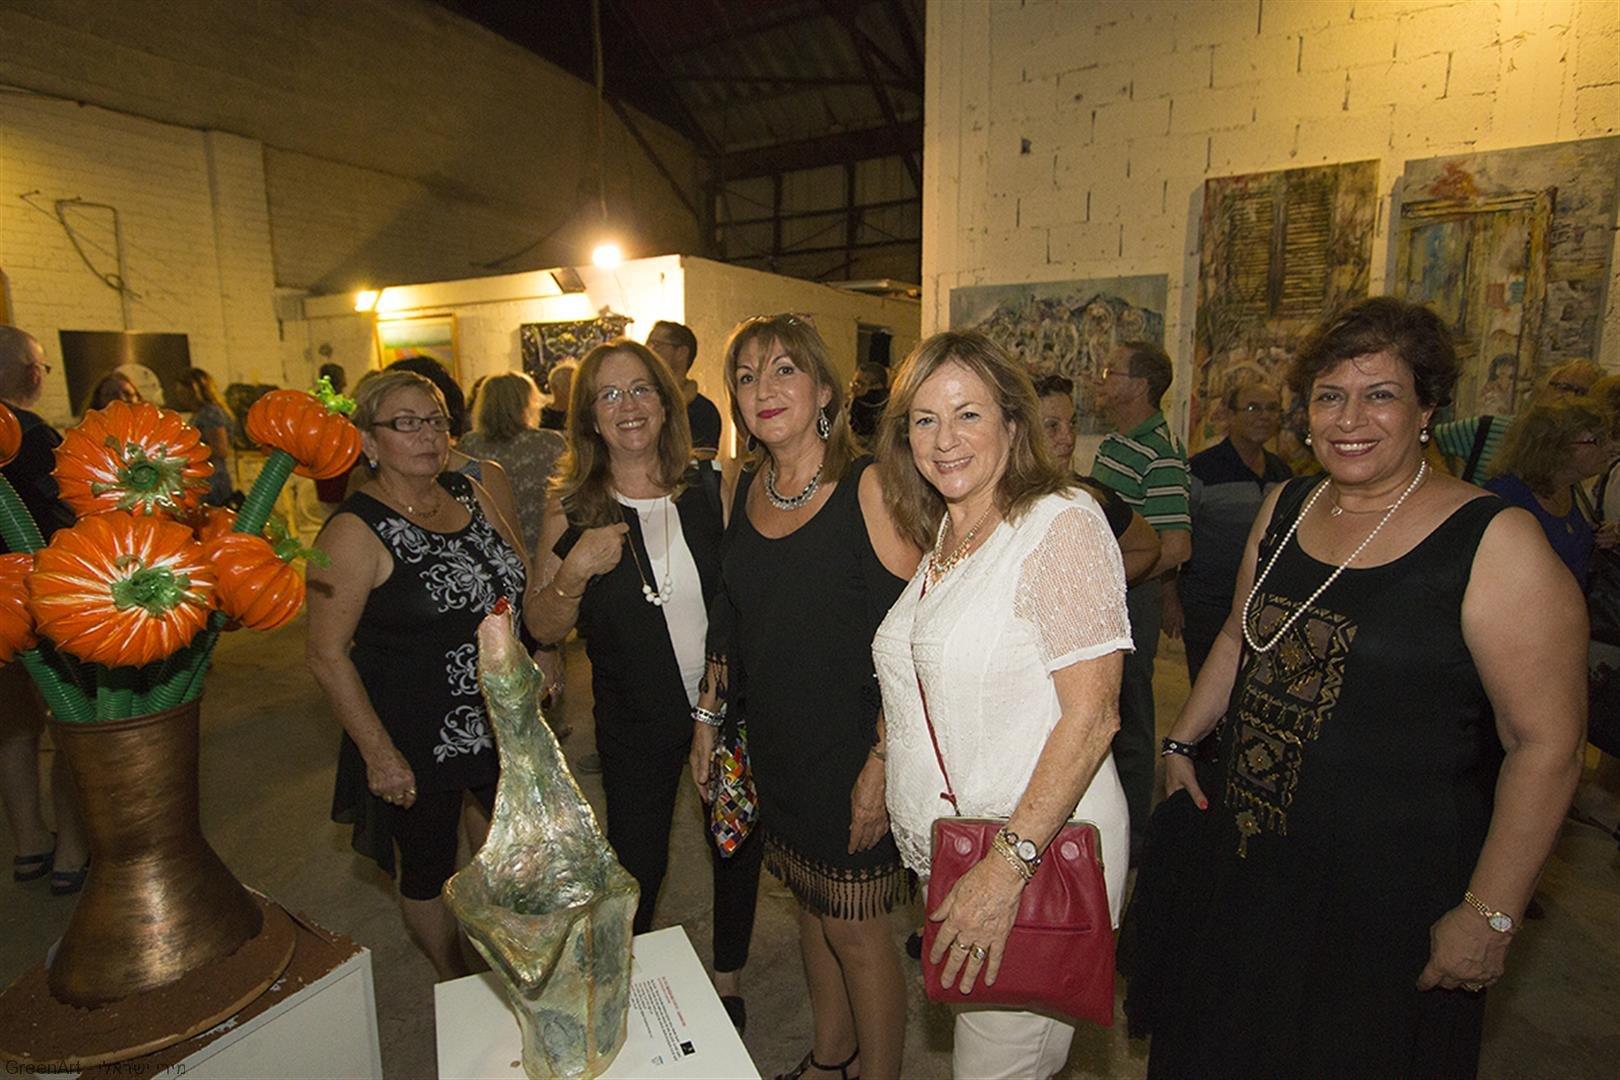 אוצרת התערוכה אריאלה נחשוני וחברות באירוע הפתיחה